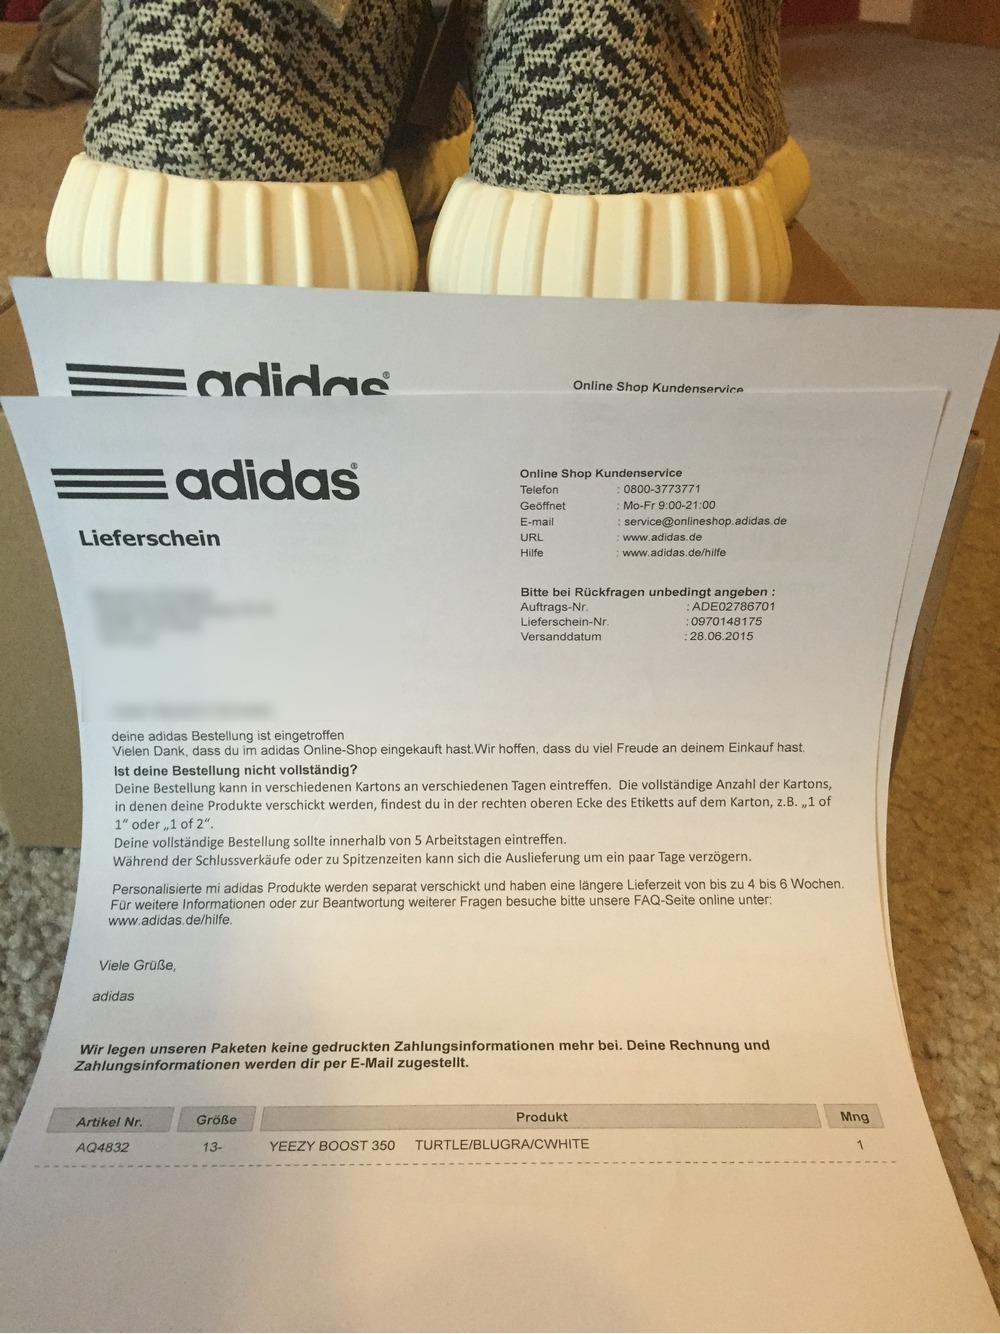 yeezy adidas receipt